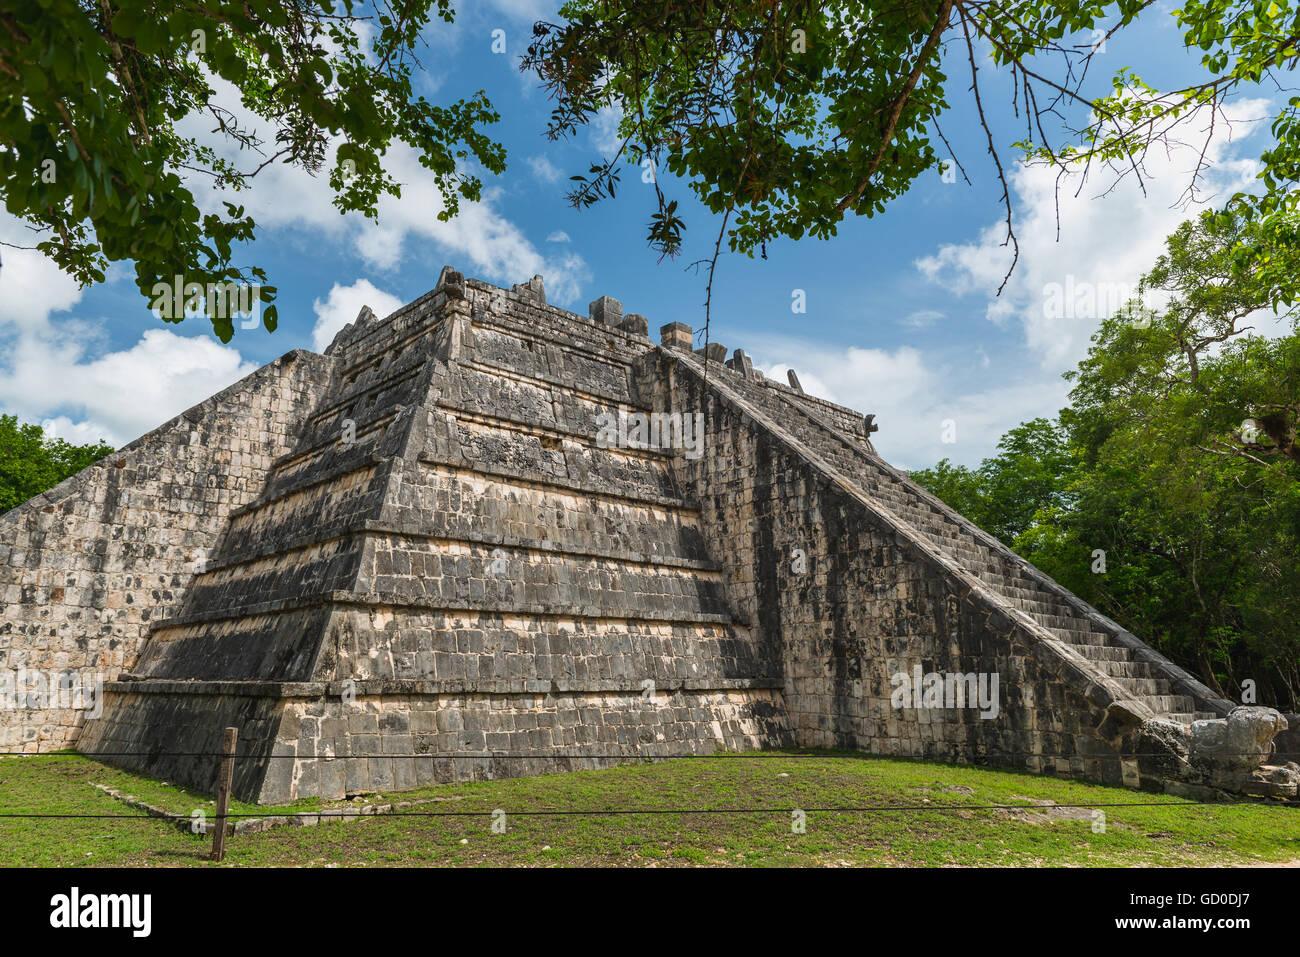 Les anciennes pyramides mayas de Chichen Itza, au Mexique. Photo Stock